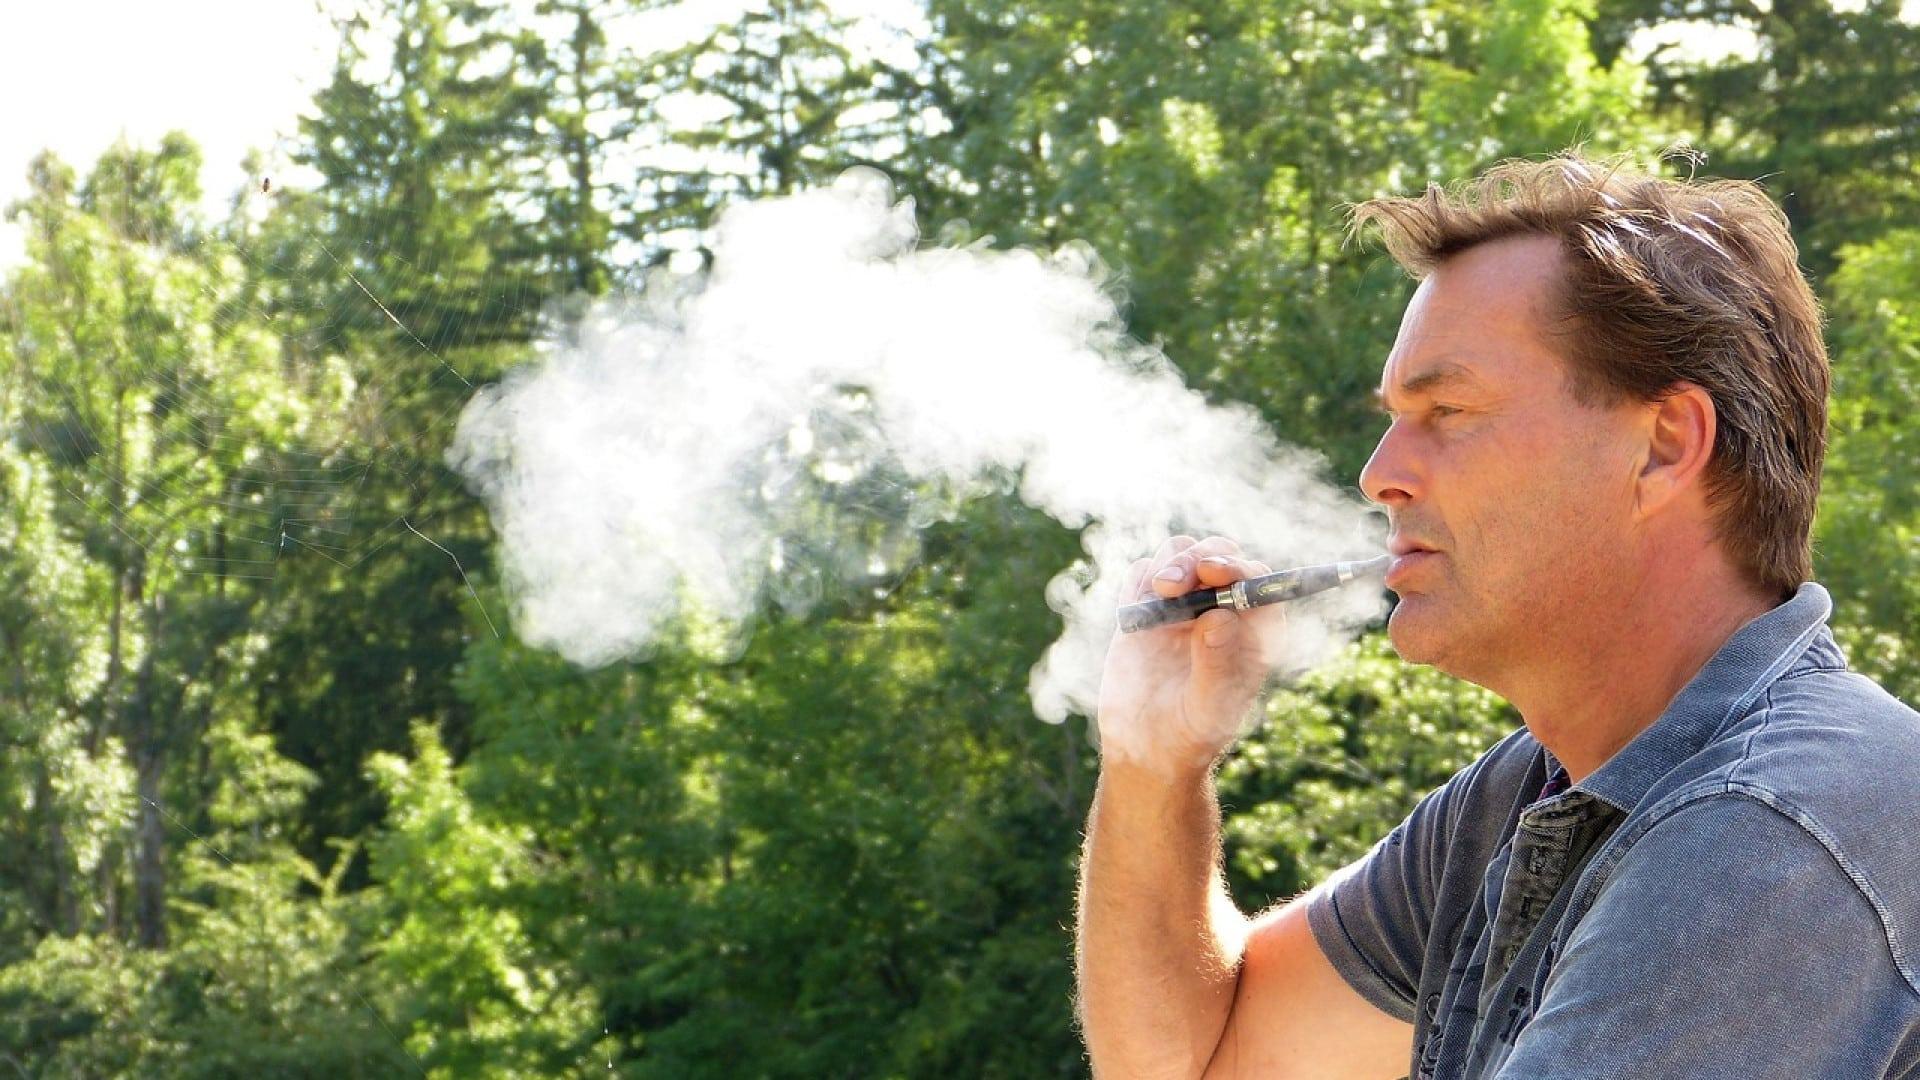 Envie de stopper le tabac ? Et si vous vous aidiez de la cigarette électronique ?